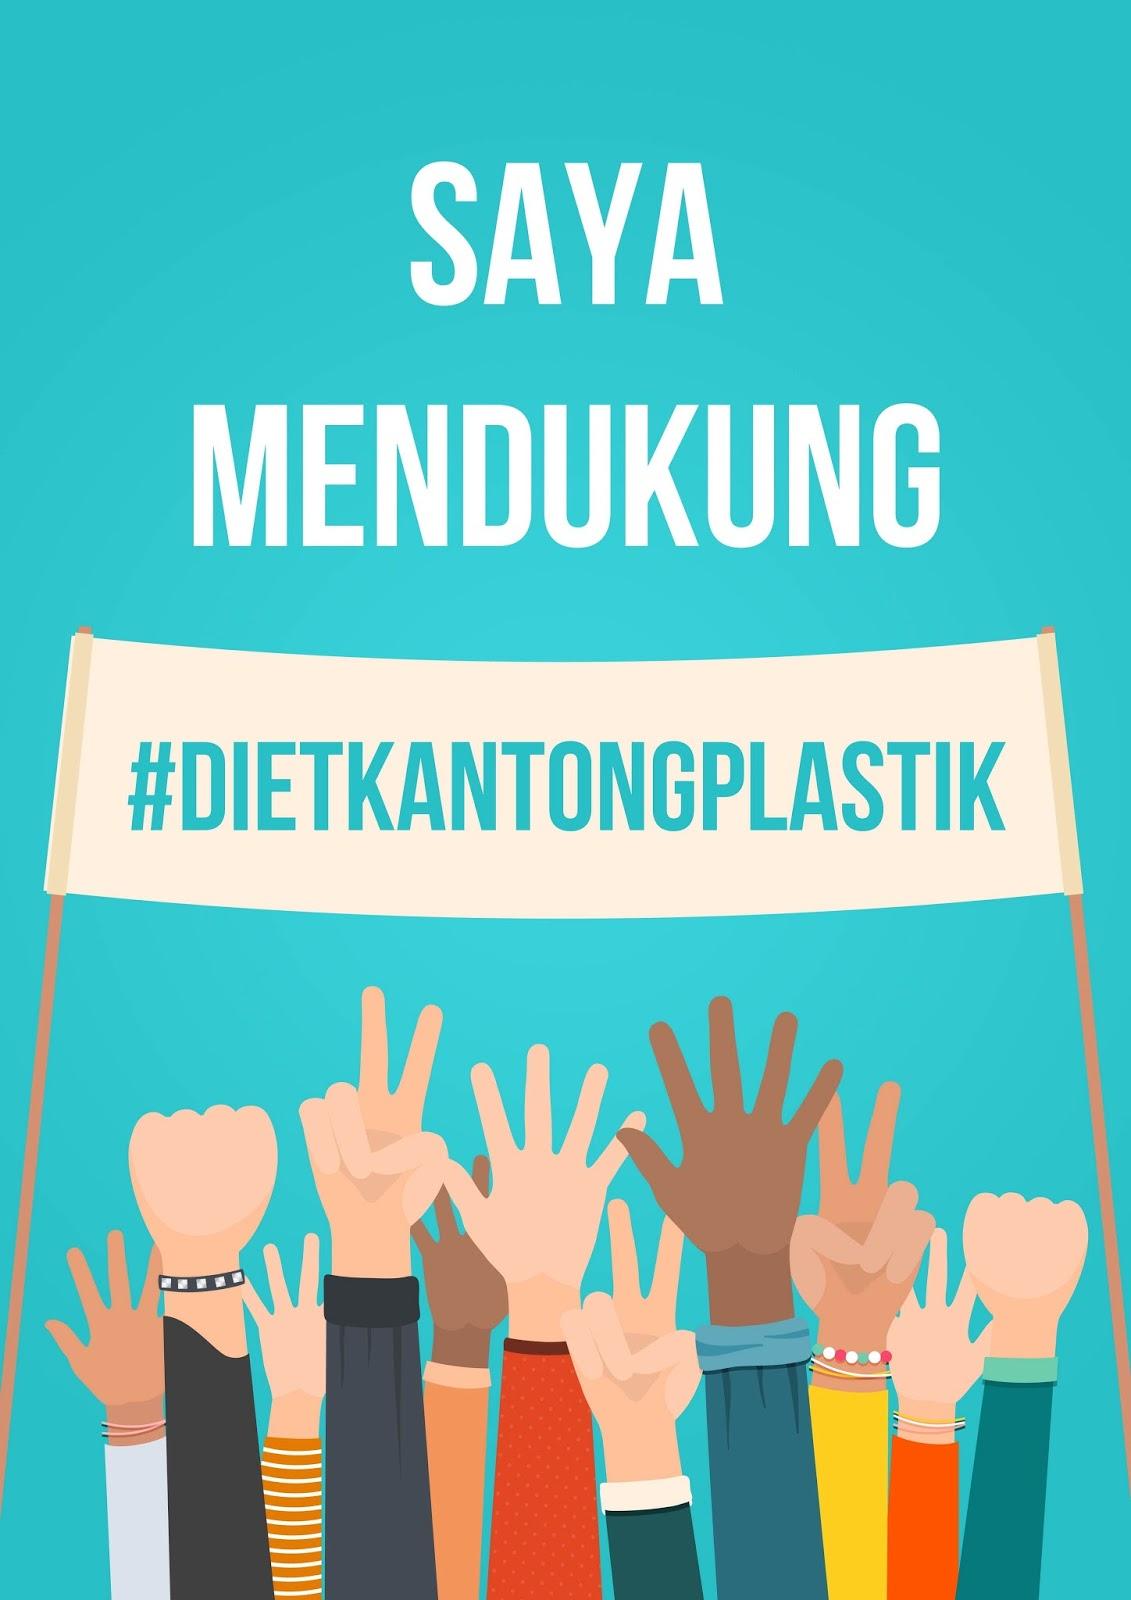 PROMOSI KAMPANYE DIET KANTONG PLASTIK OLEH GREENERATION INDONESIA